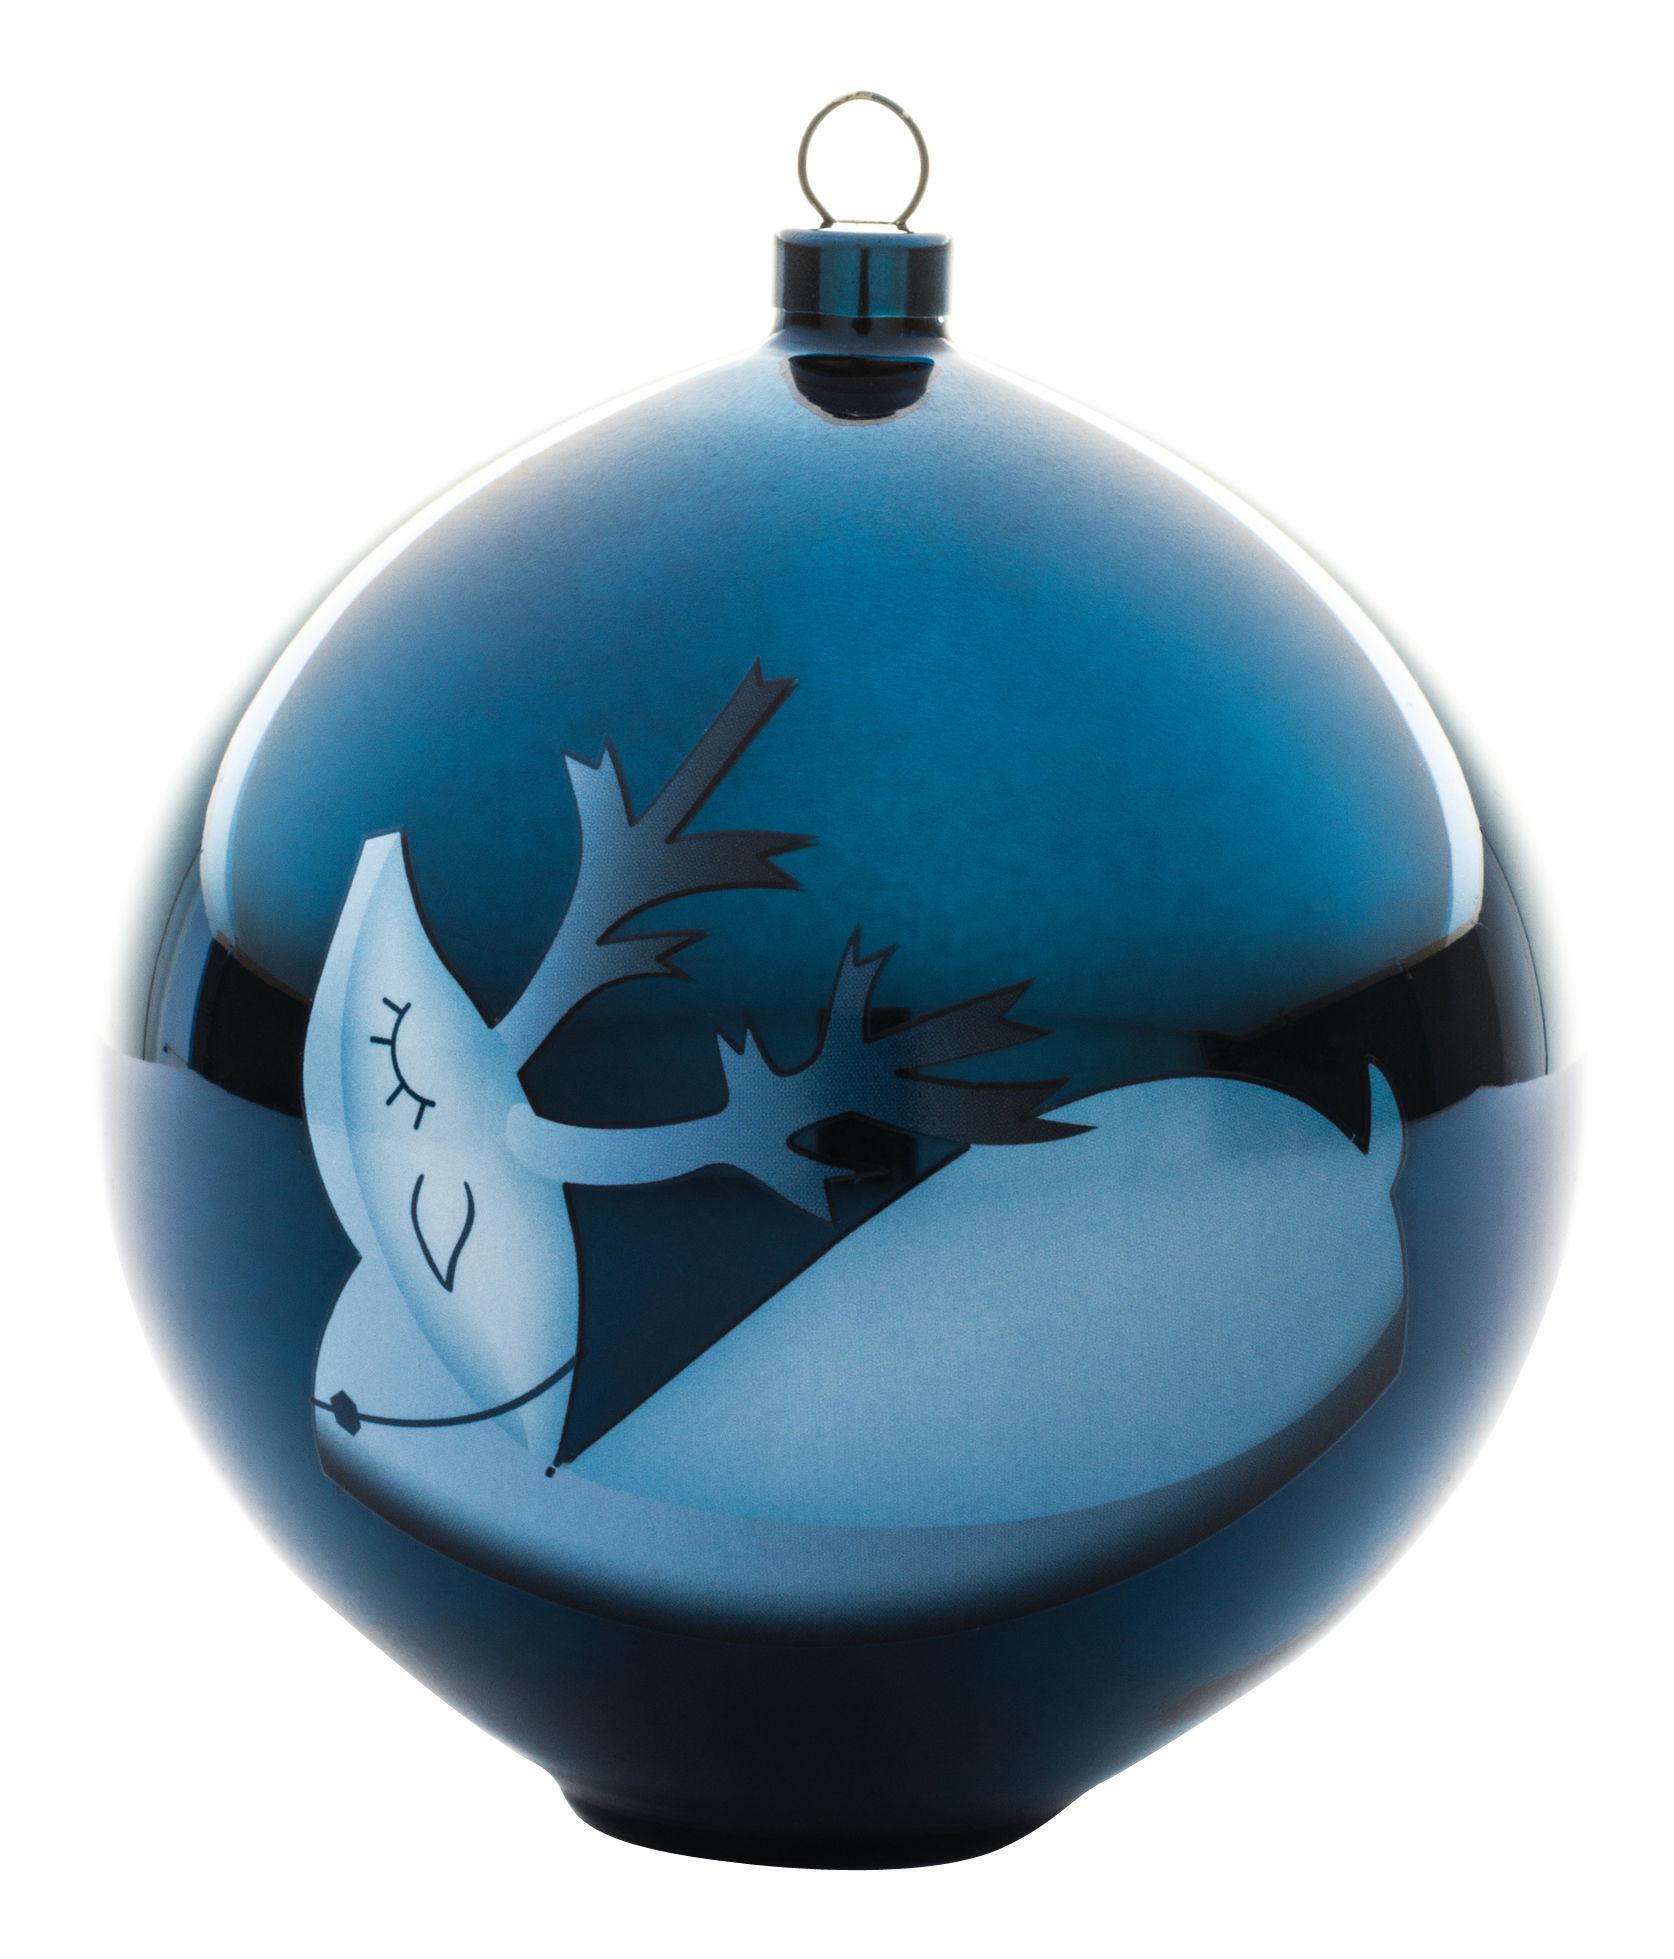 Déco - Objets déco et cadres-photos - Boule de Noël Blue christmas / Verre soufflé - A di Alessi - Renne - Verre soufflé décoré à la main